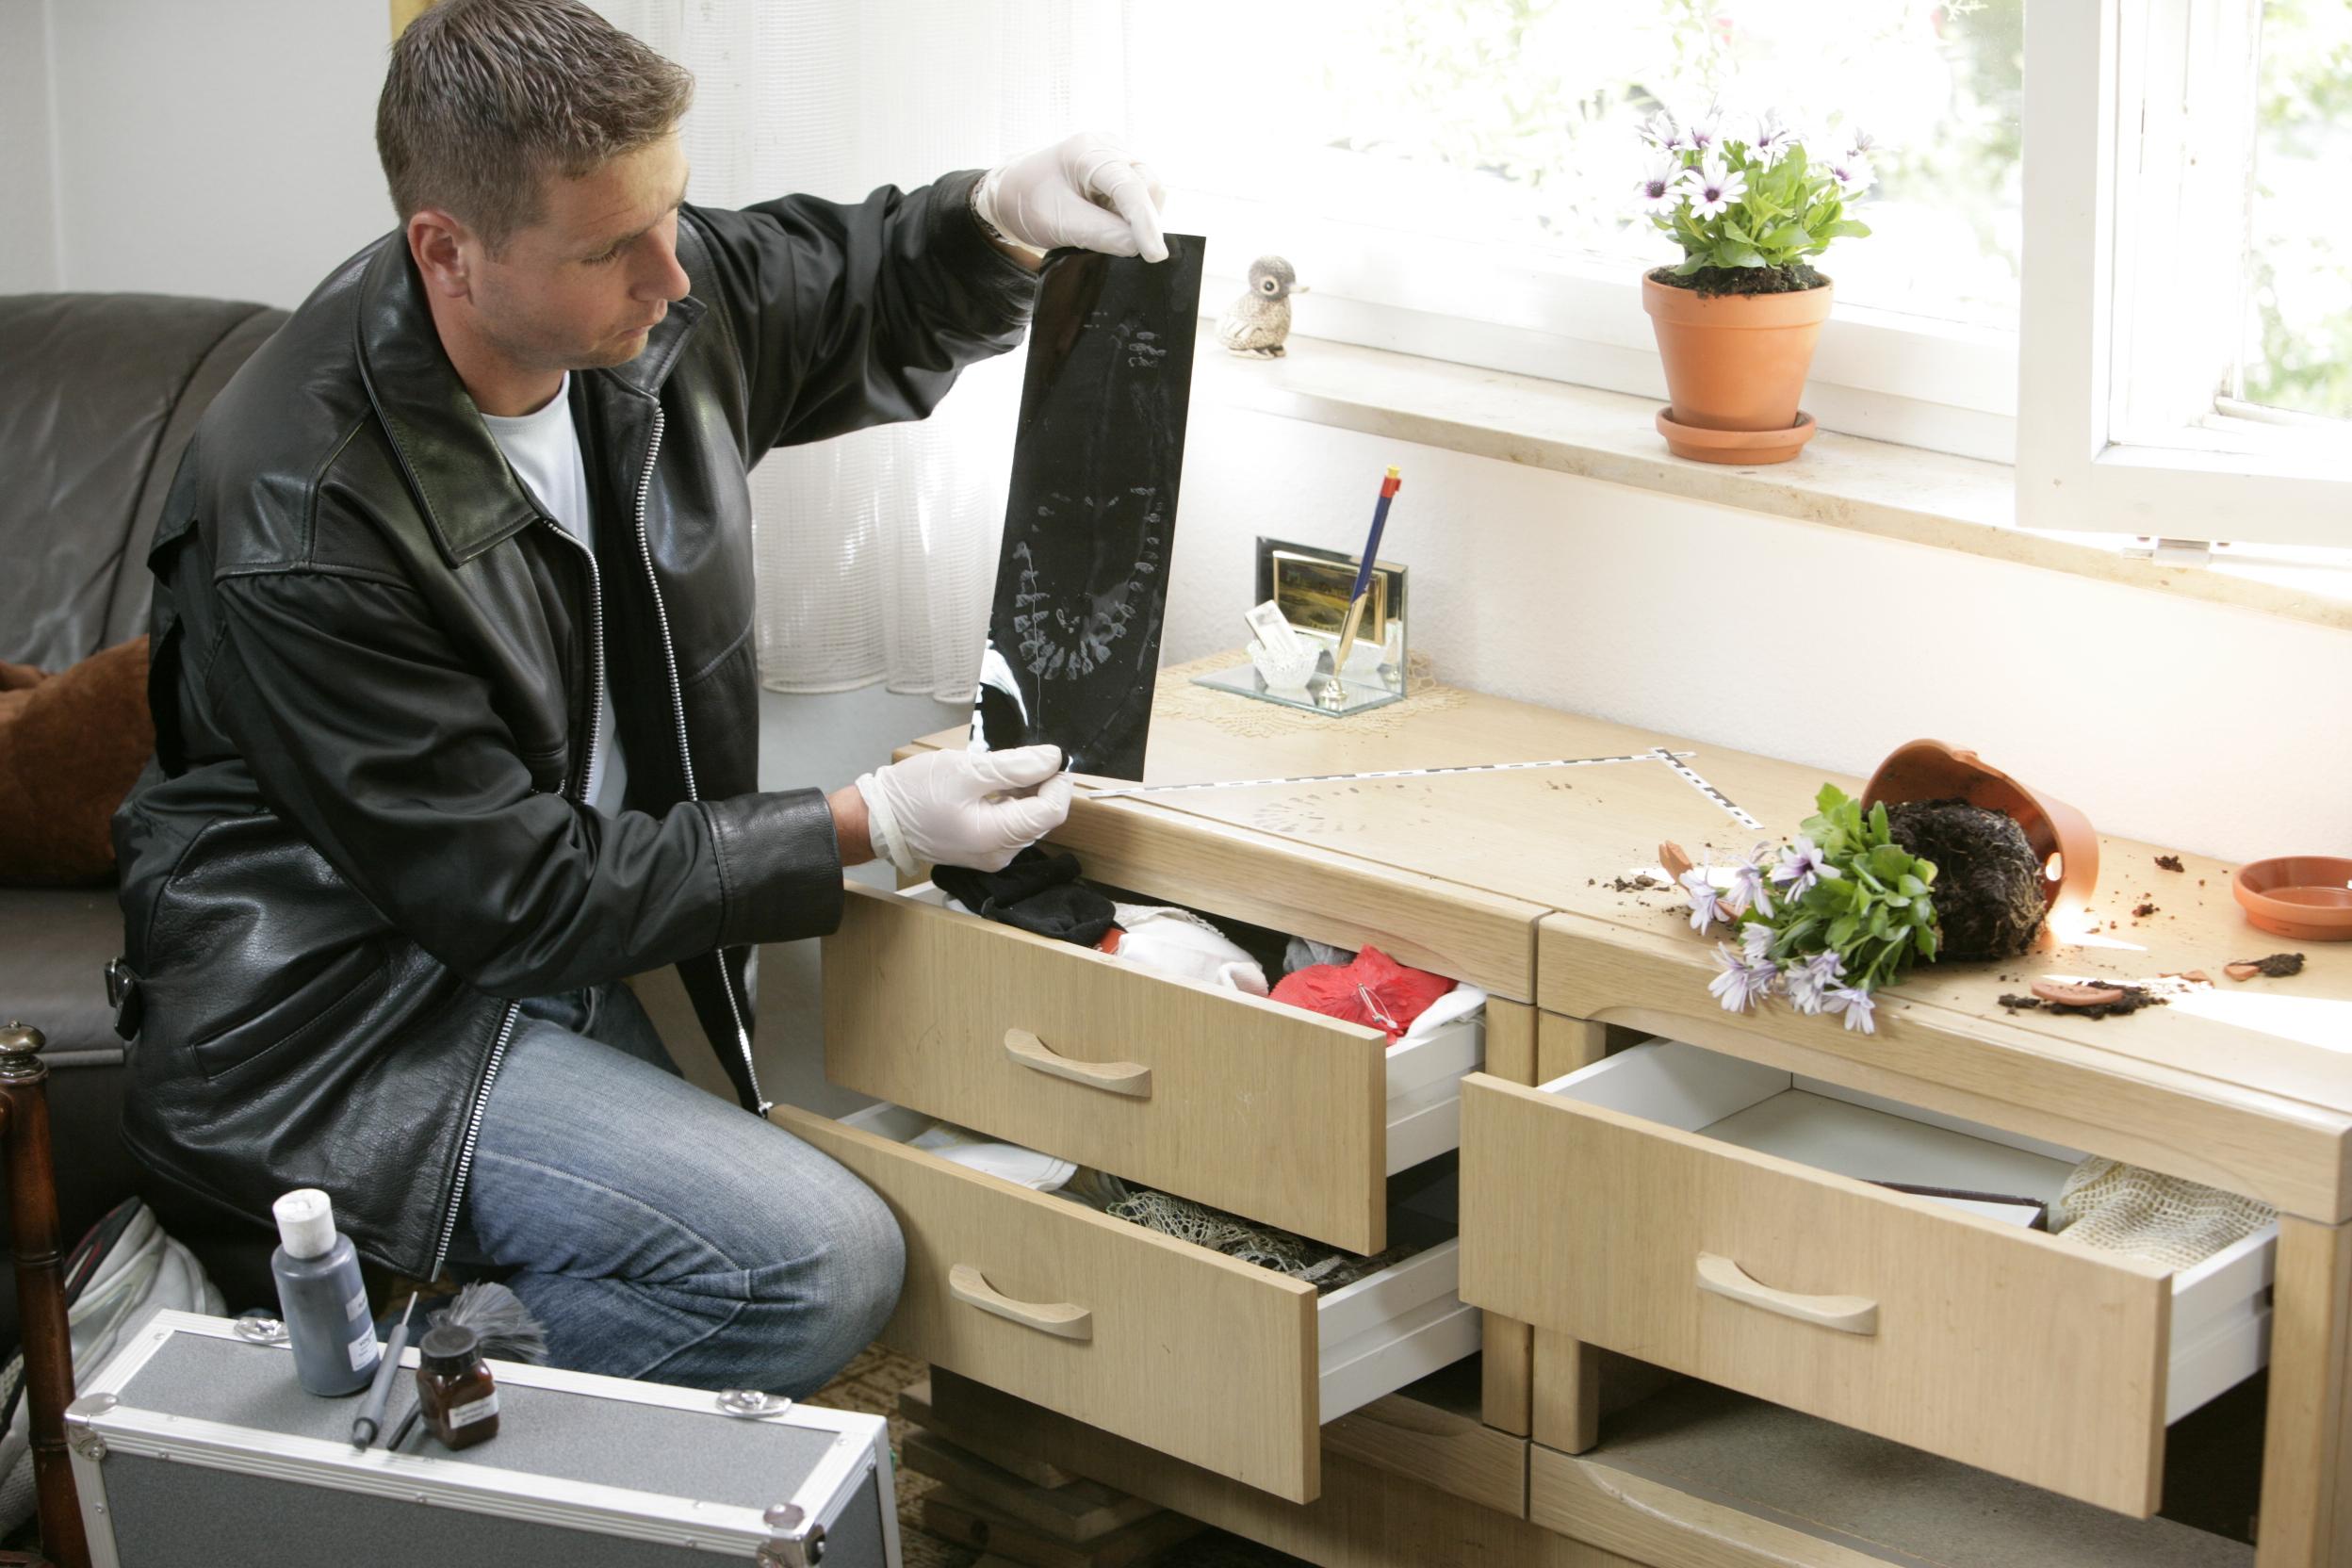 lka rp folgen eines wohnungseinbruchs was jetzt zu tun ist pressemitteilung. Black Bedroom Furniture Sets. Home Design Ideas